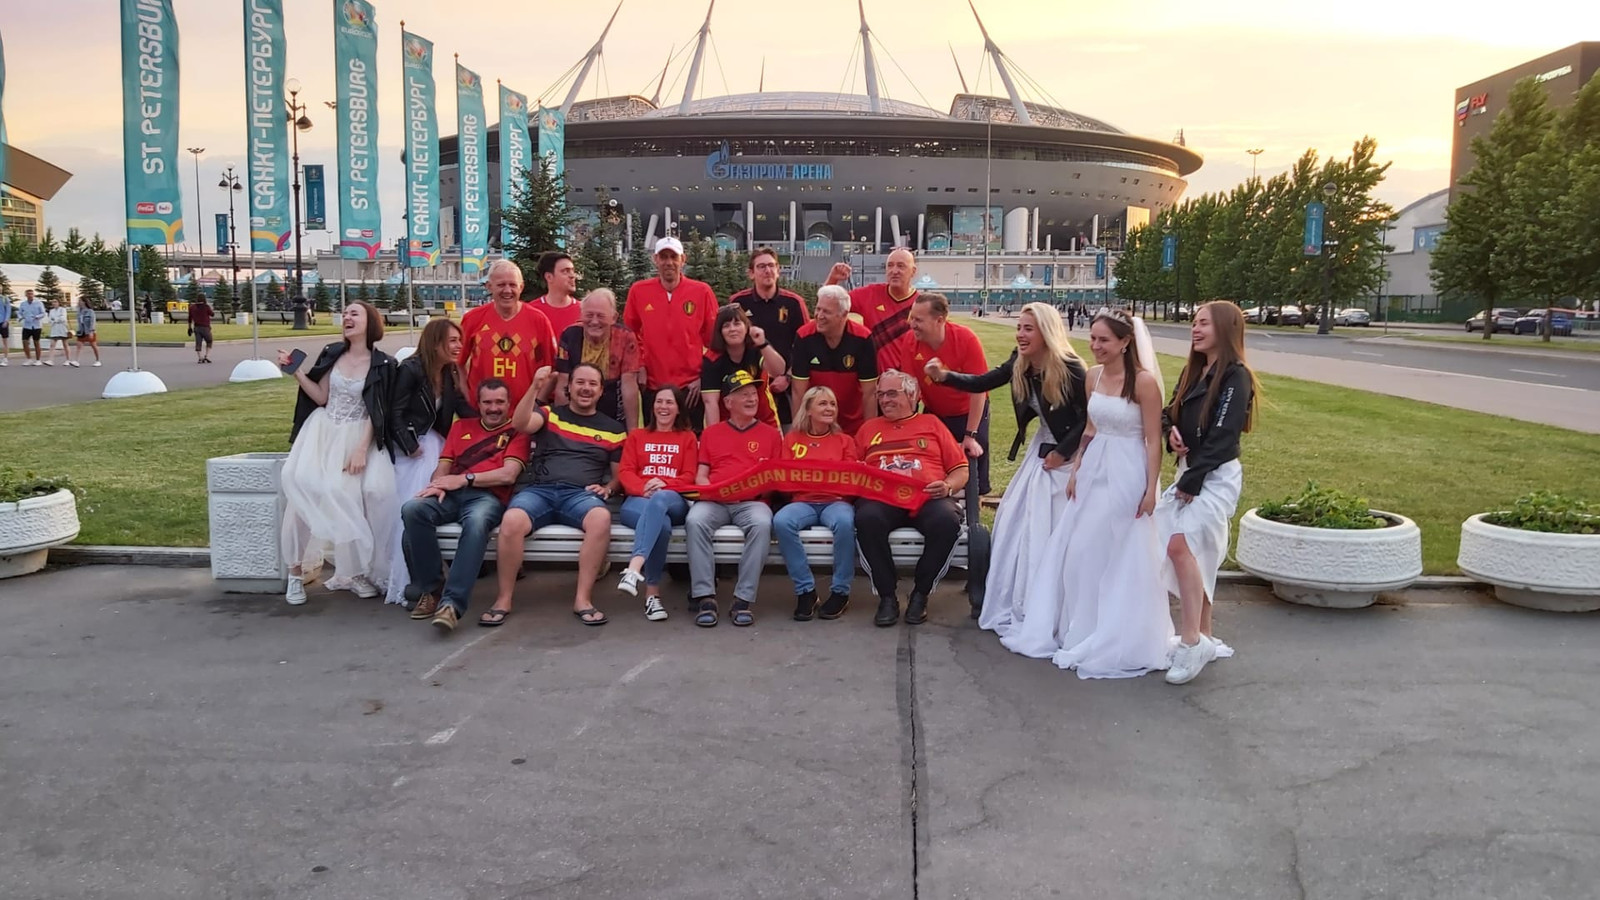 Verbroederen met de Russen? Dat zit al snor. De Belgische supporters dollen met enkele meisjes die op vrijgezellenavond zijn.